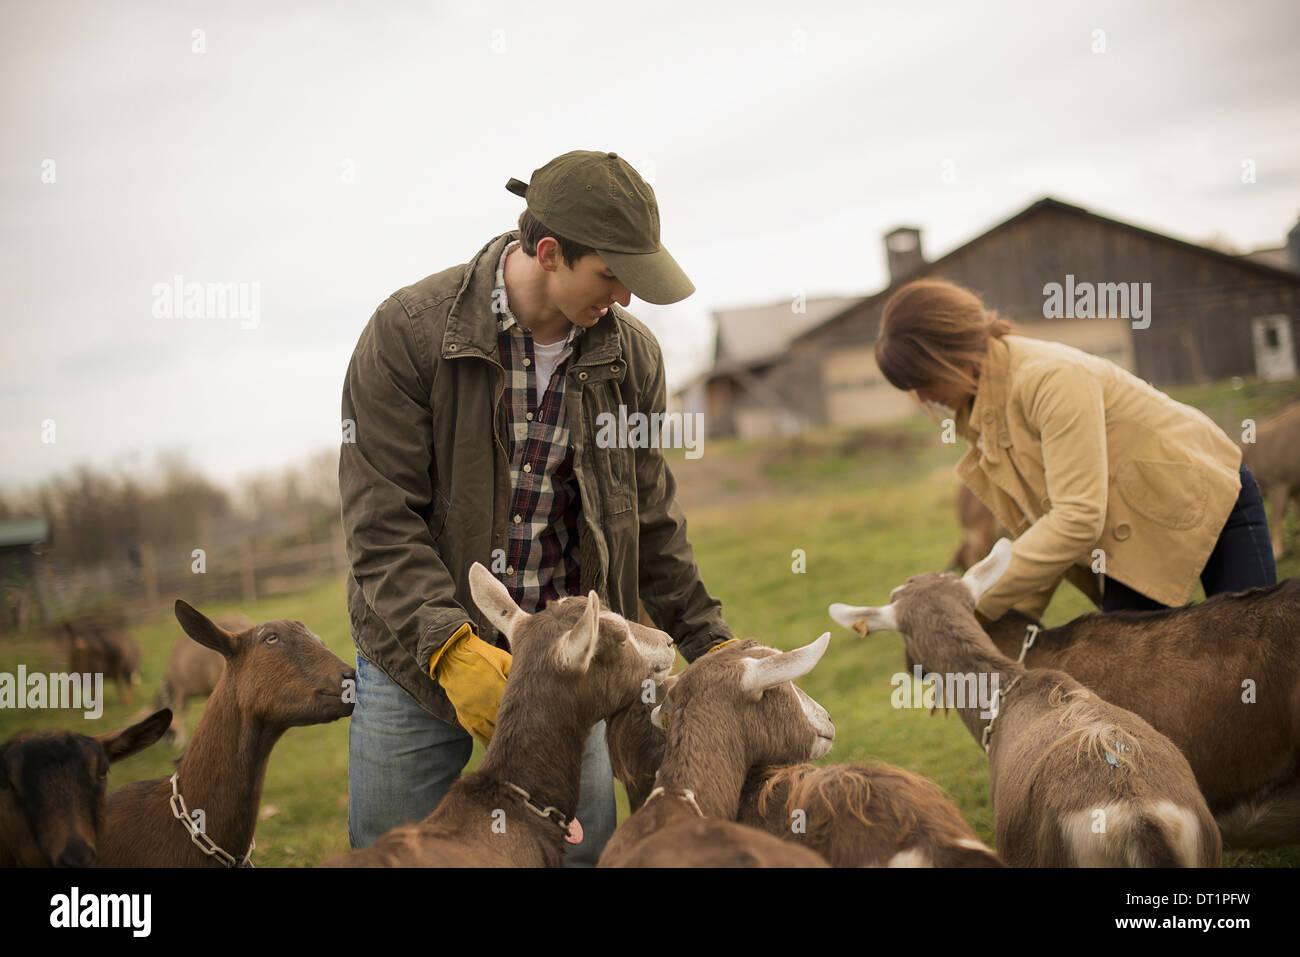 Caseificio Del lavoro contadino e tendente a gli animali Immagini Stock